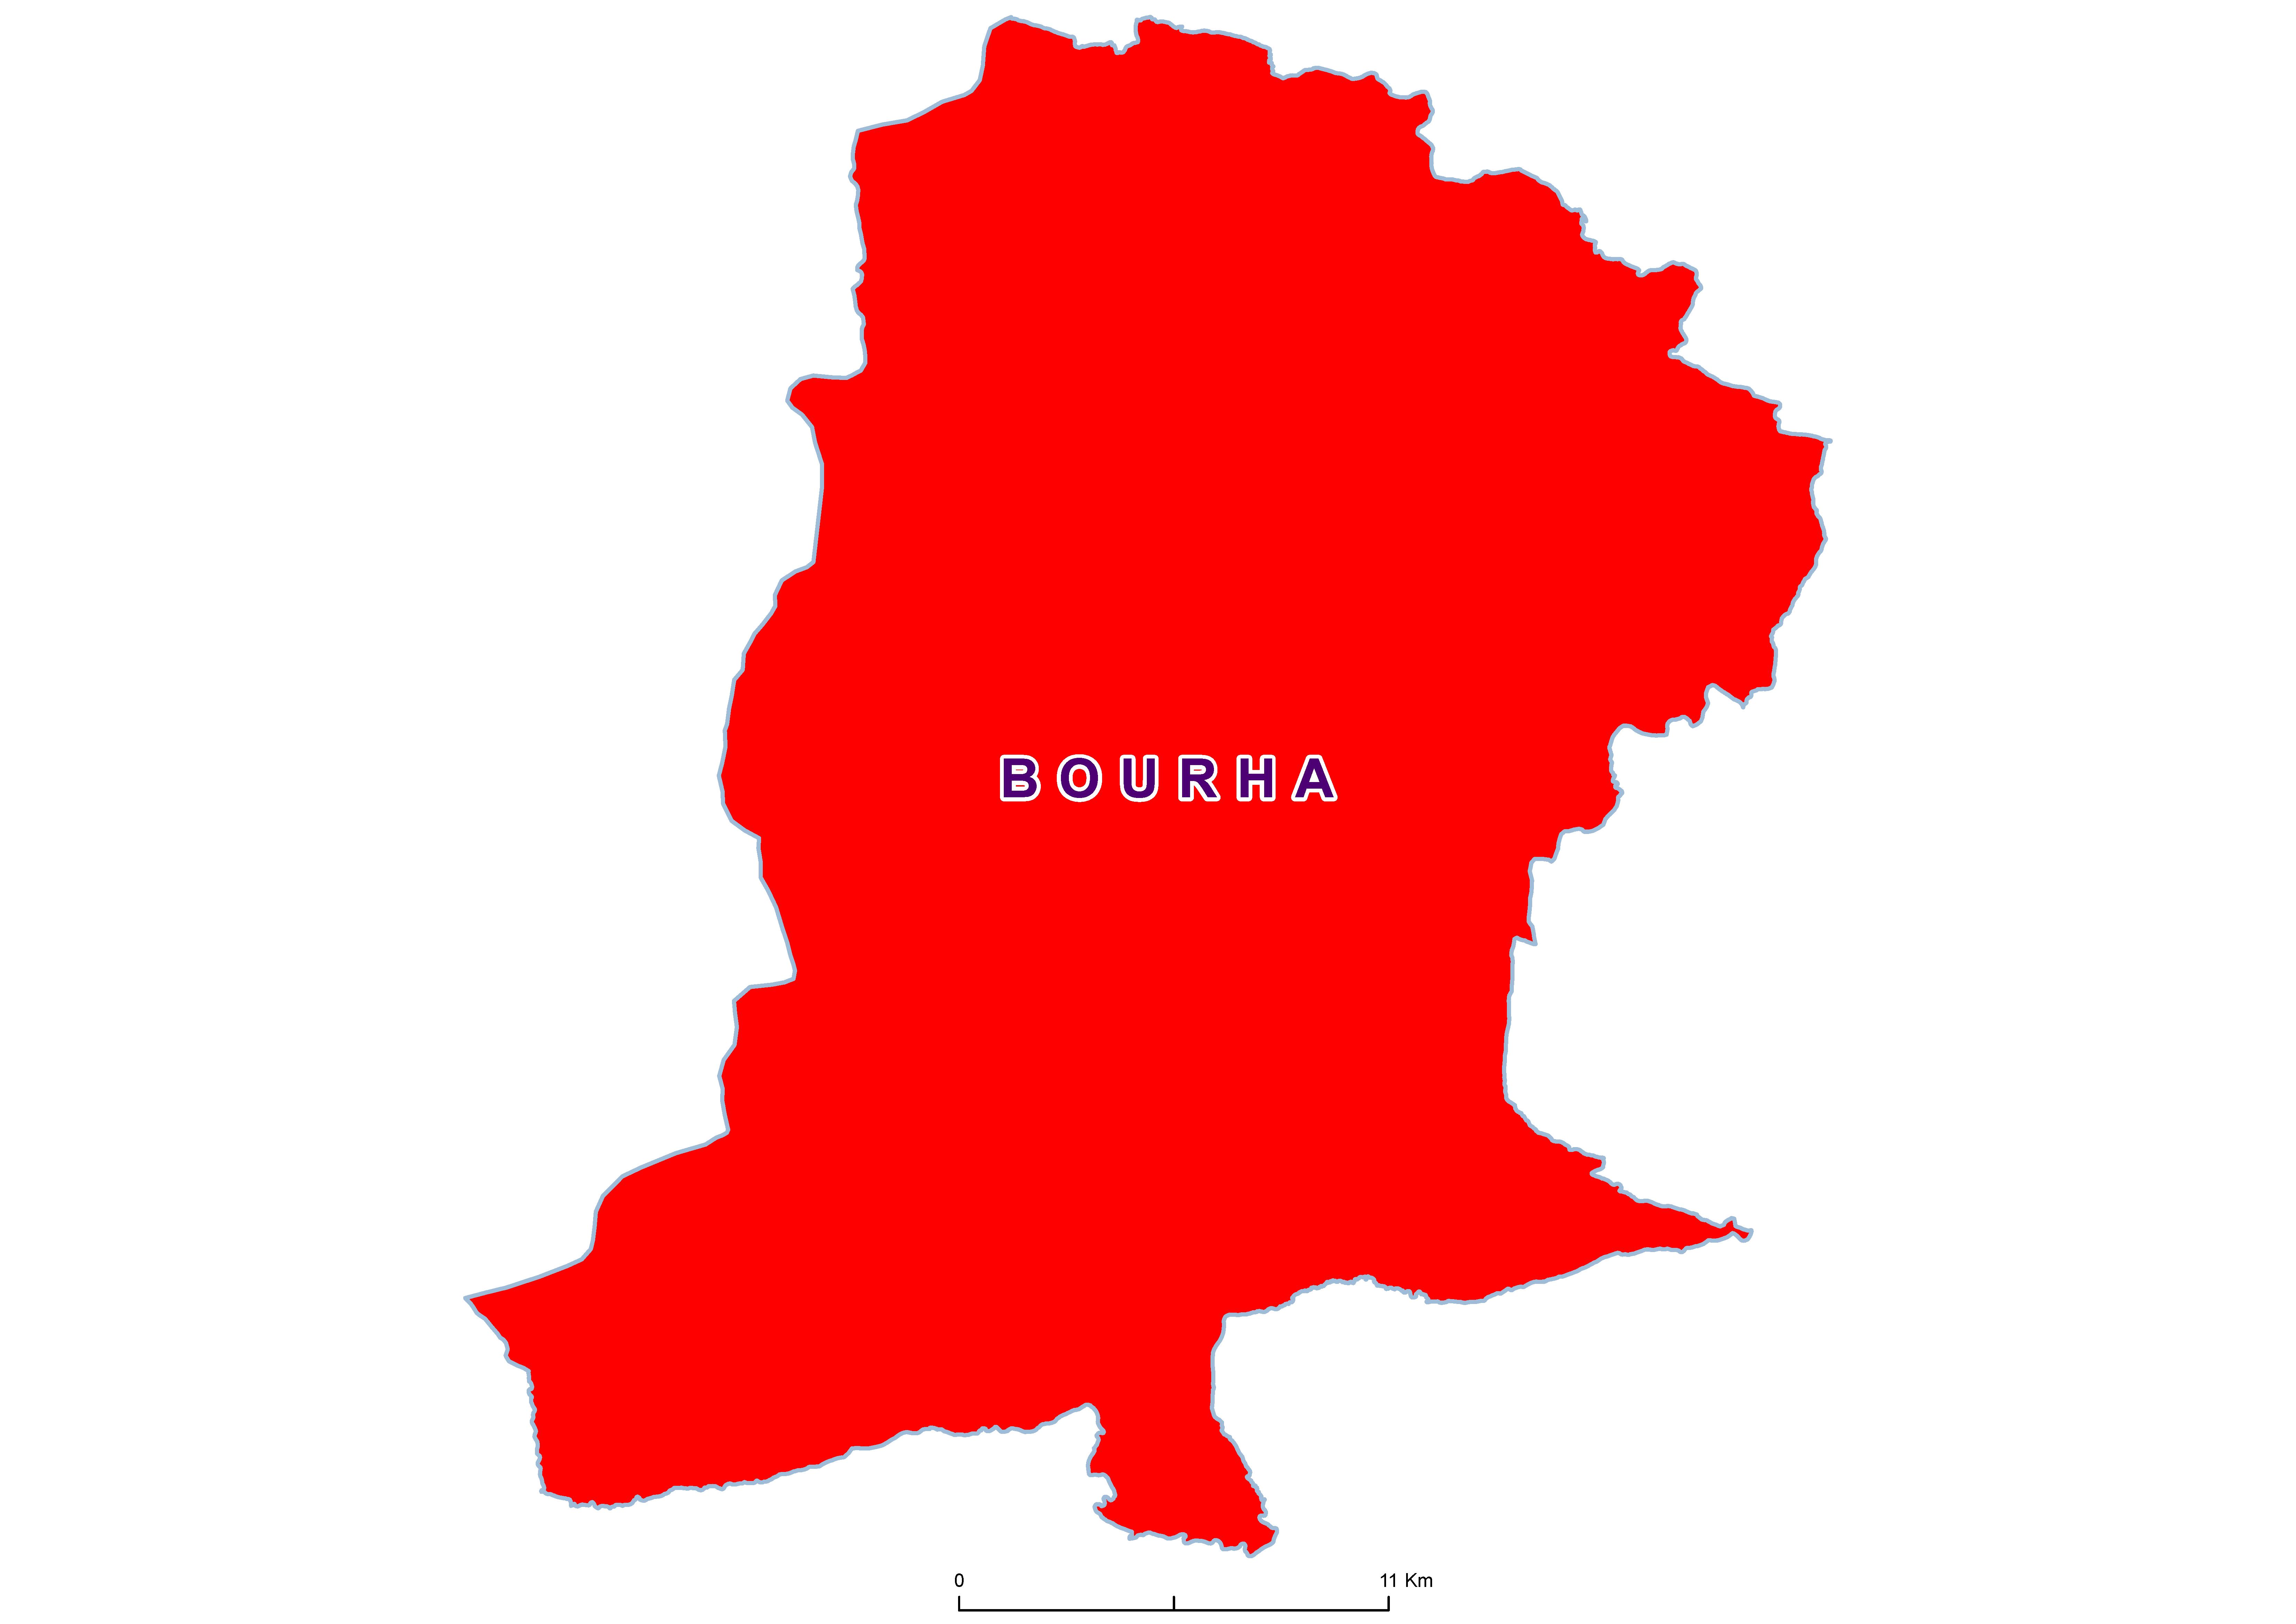 Bourha Mean SCH 19850001